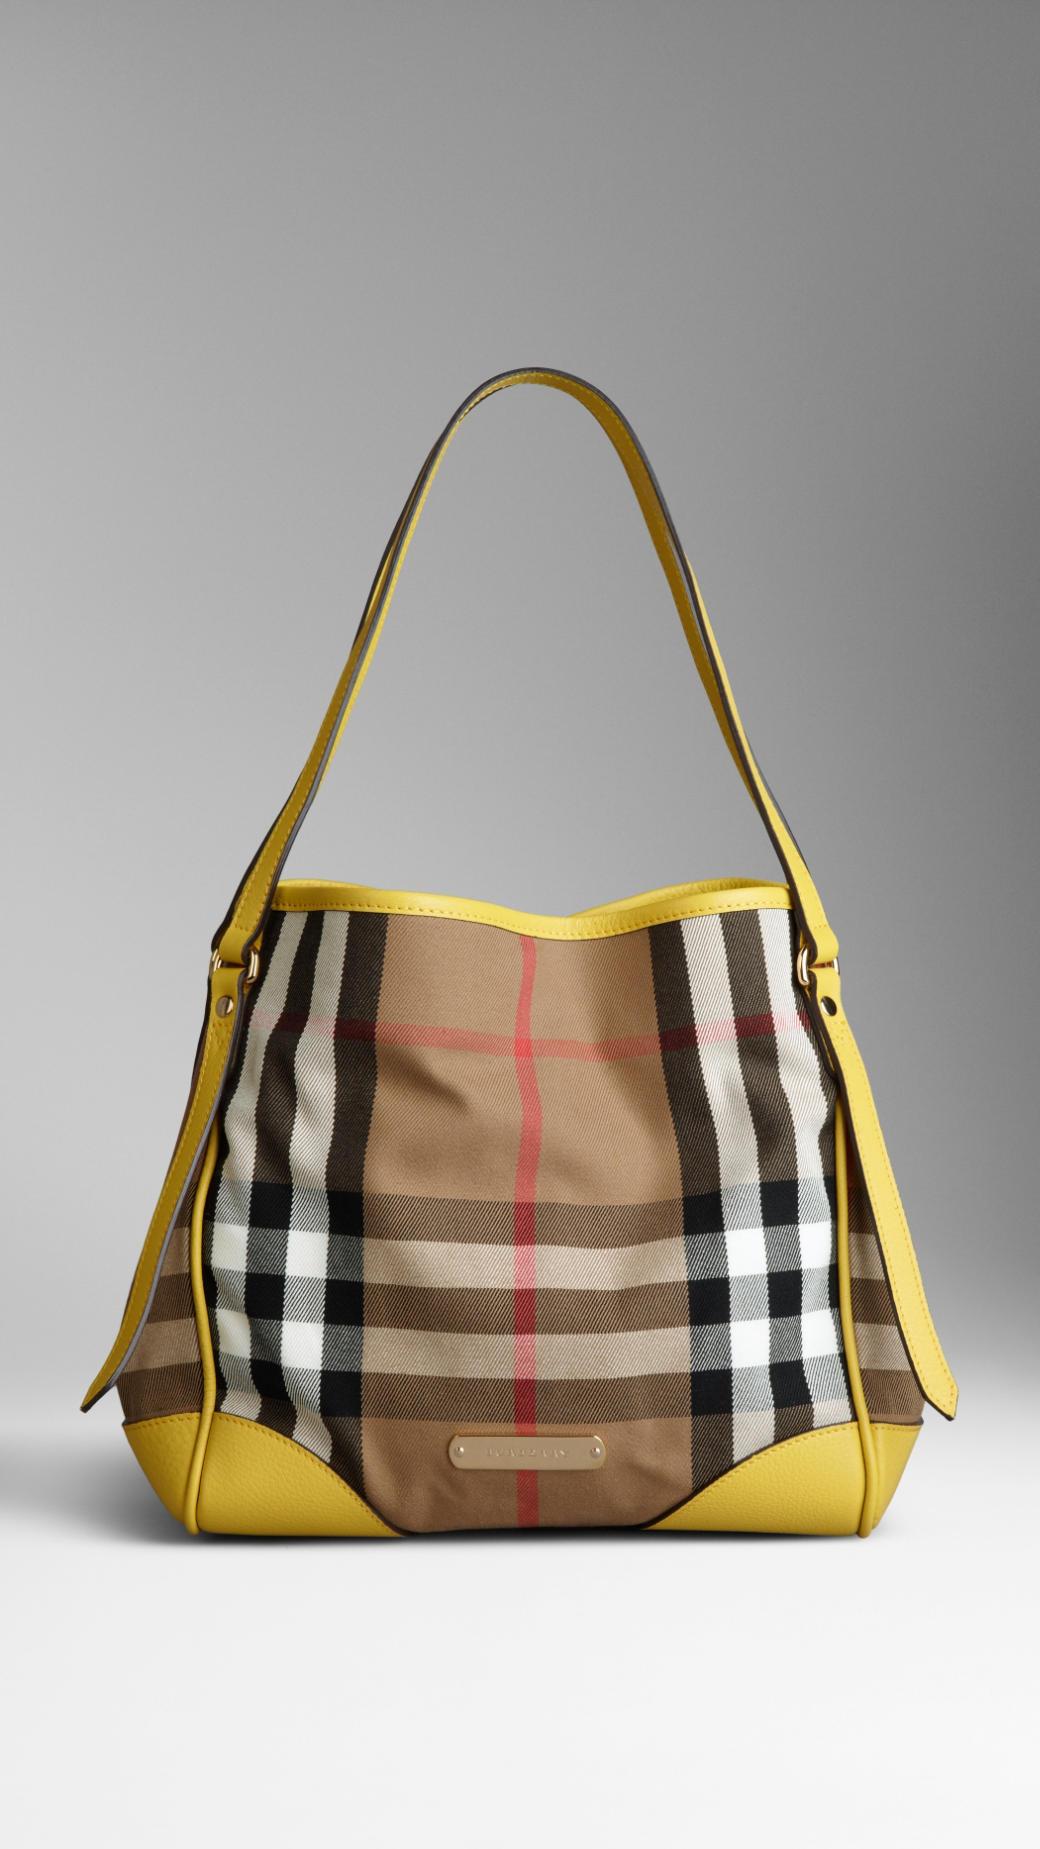 Burberry Bag Yellow